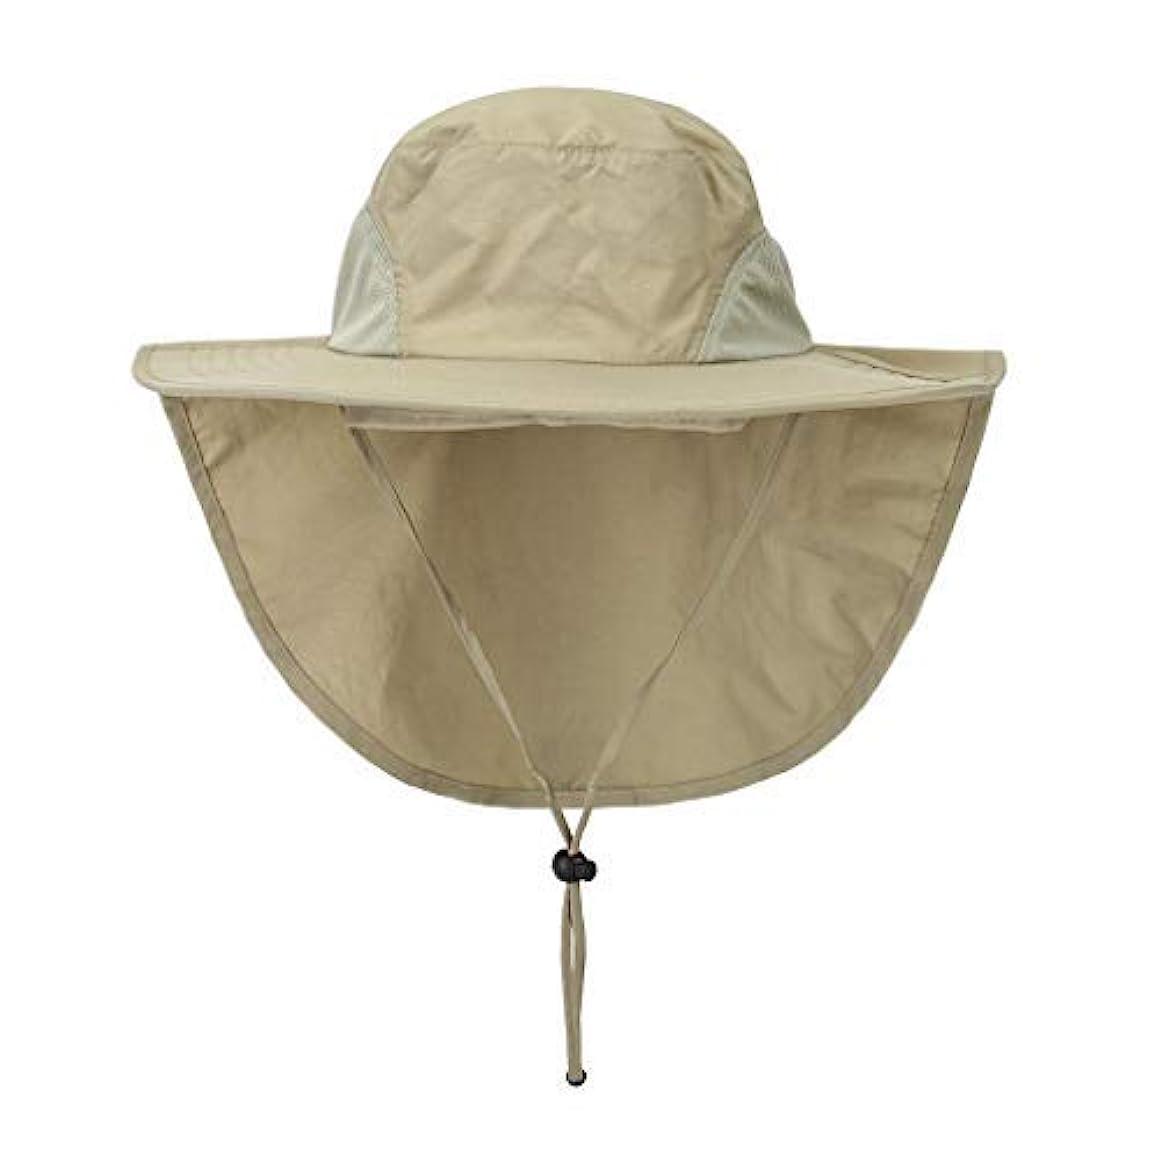 暖かく百カプラーASY アウトドア日焼け防止帽子 ネックファルプ メンズ レディース ハイキング 旅行 キャンプ ハンティング ボート 幅広つばキャップ